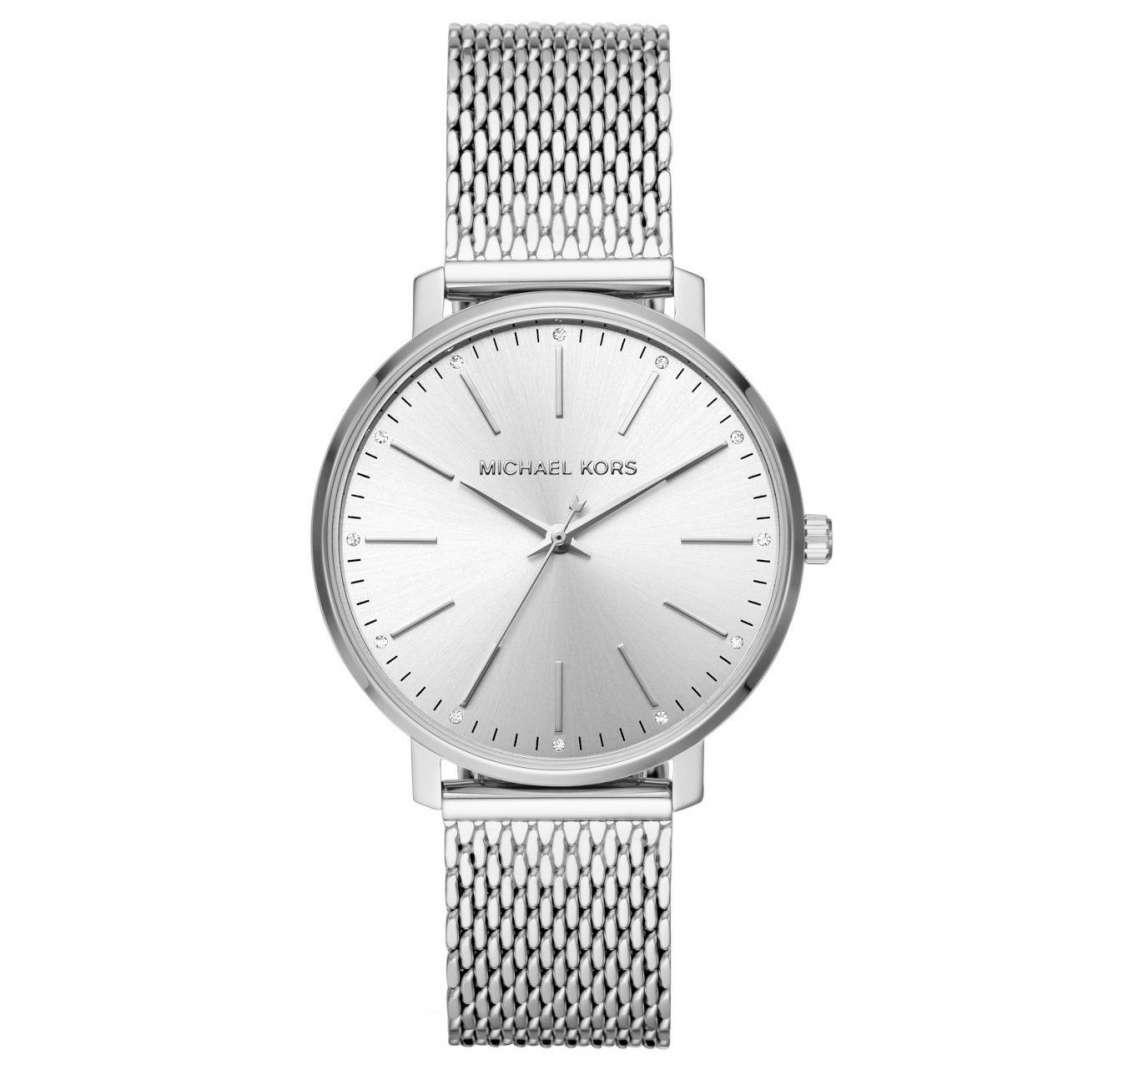 שעון יד אנלוגי לאישה michael kors mk4338 מייקל קורס